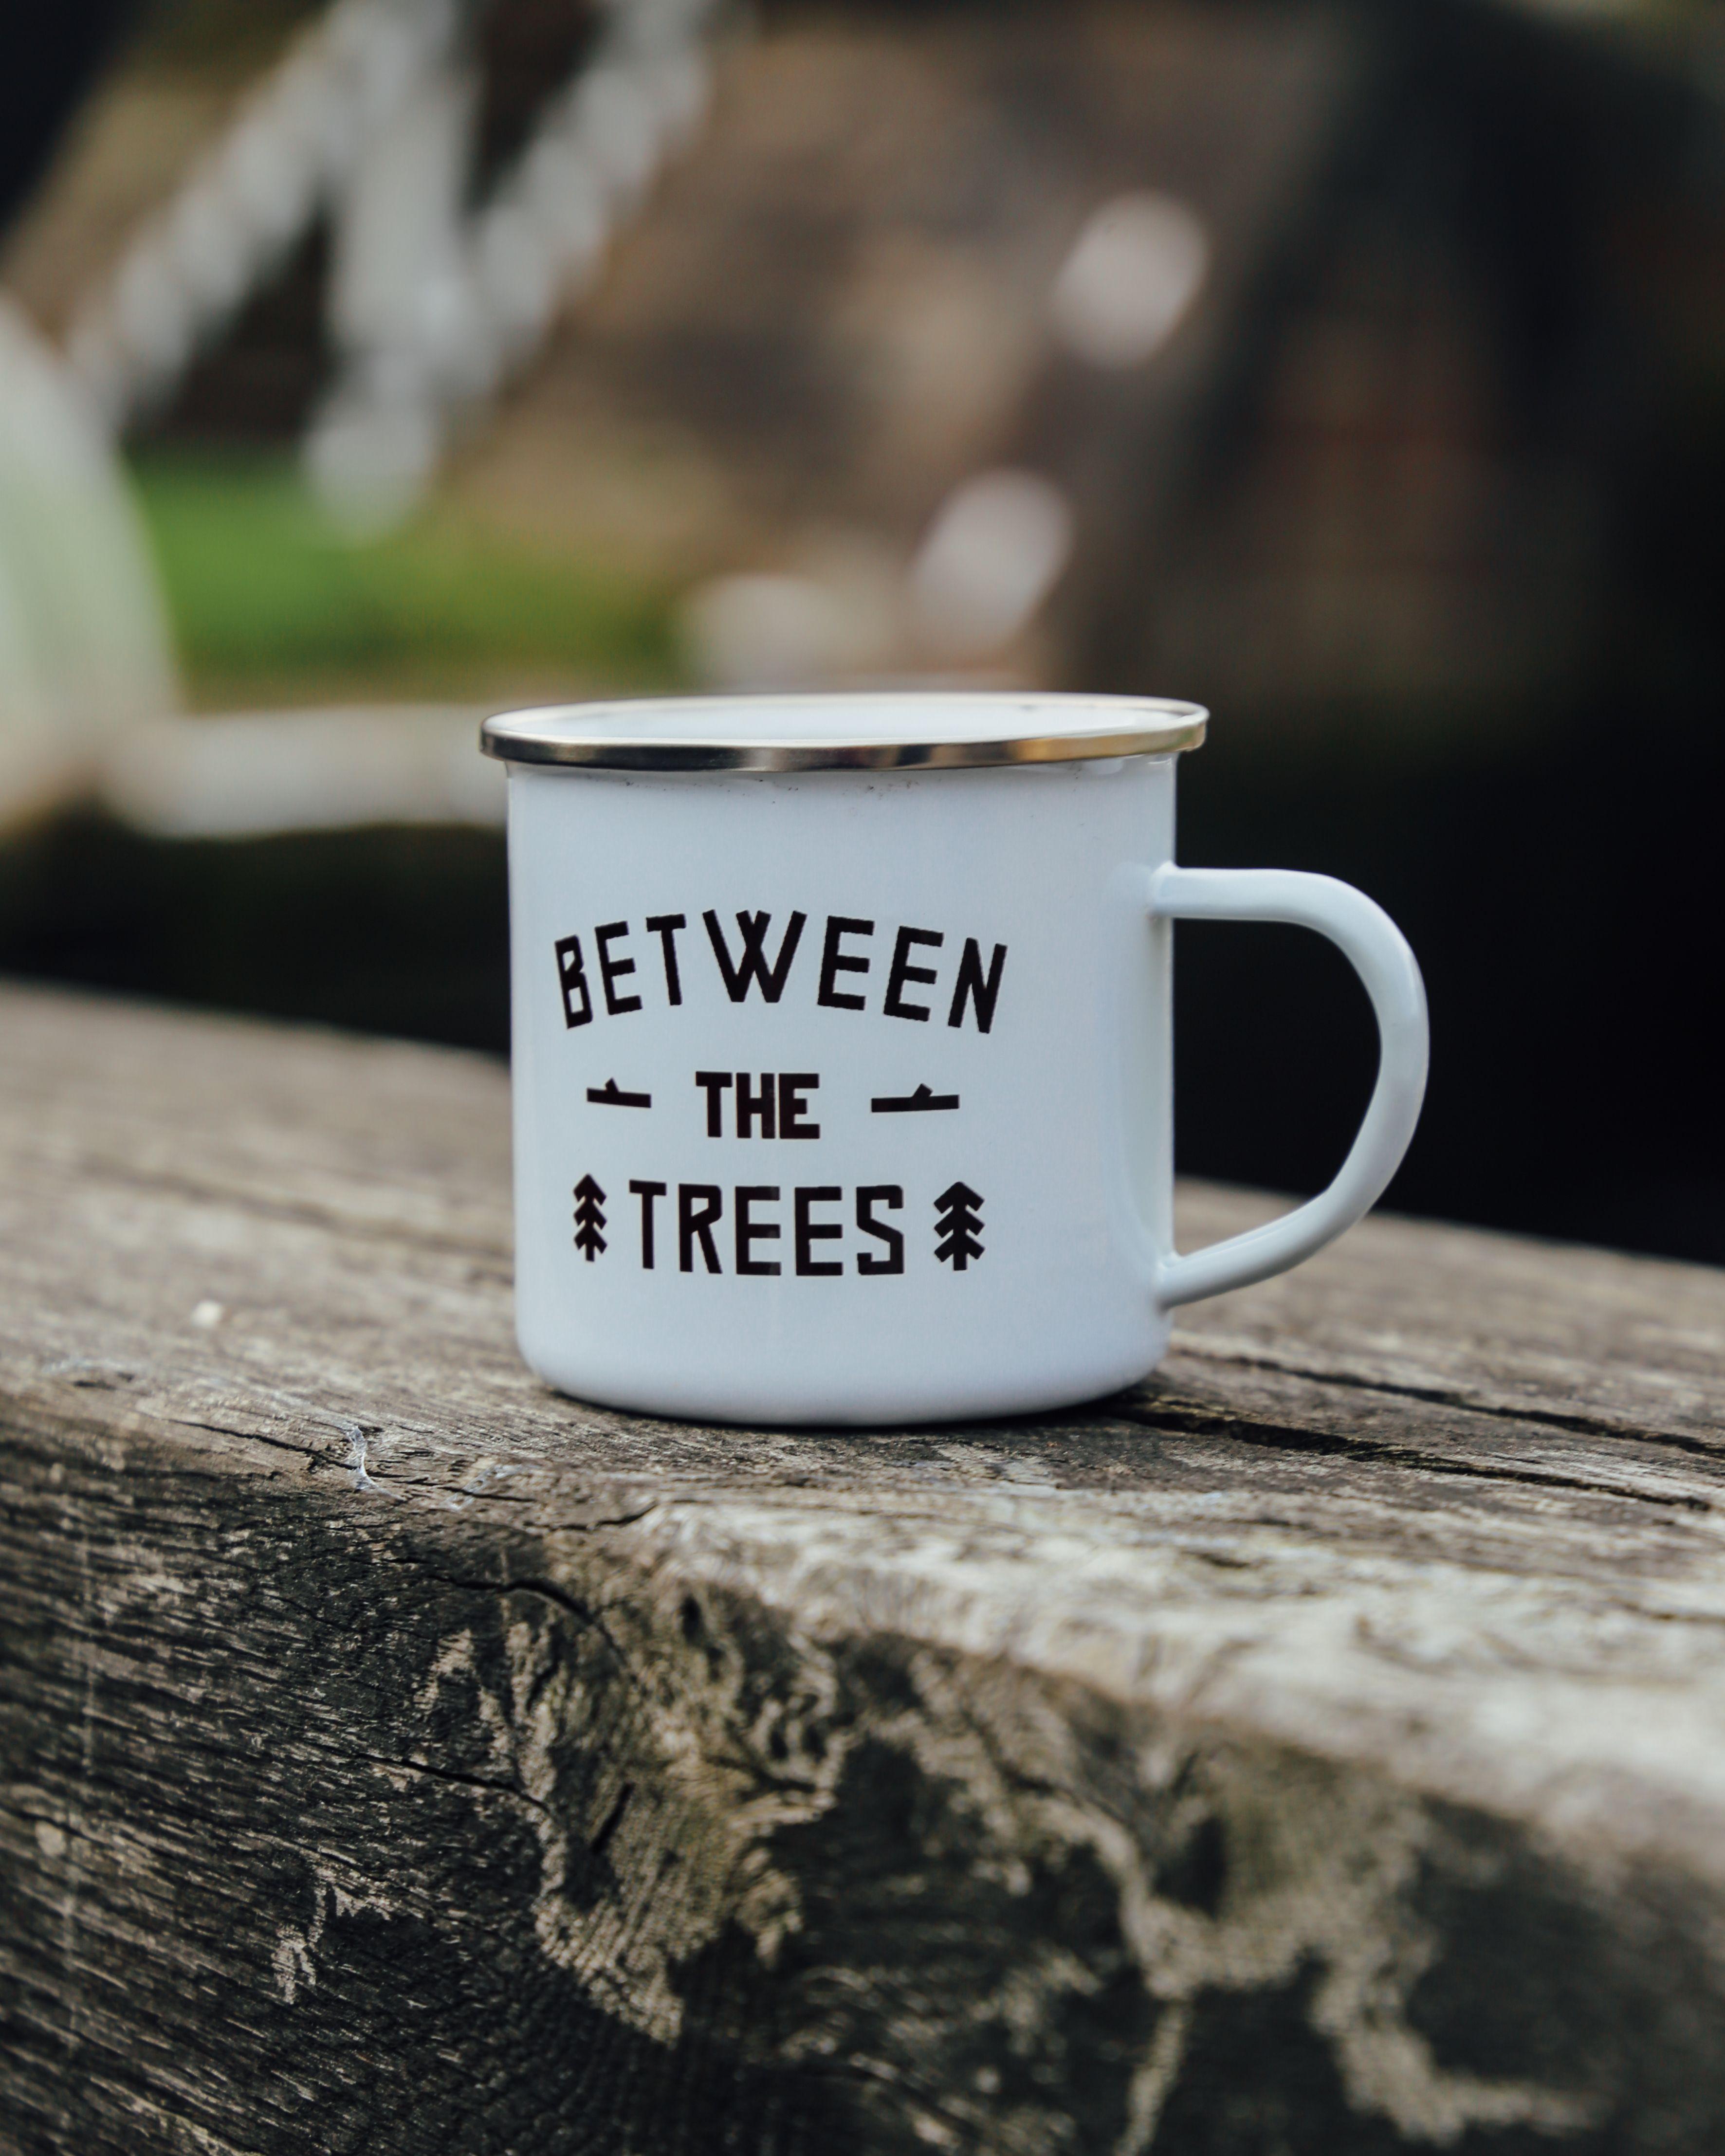 NEW PRODUCT Custom printed enamel mugs printed in full colour